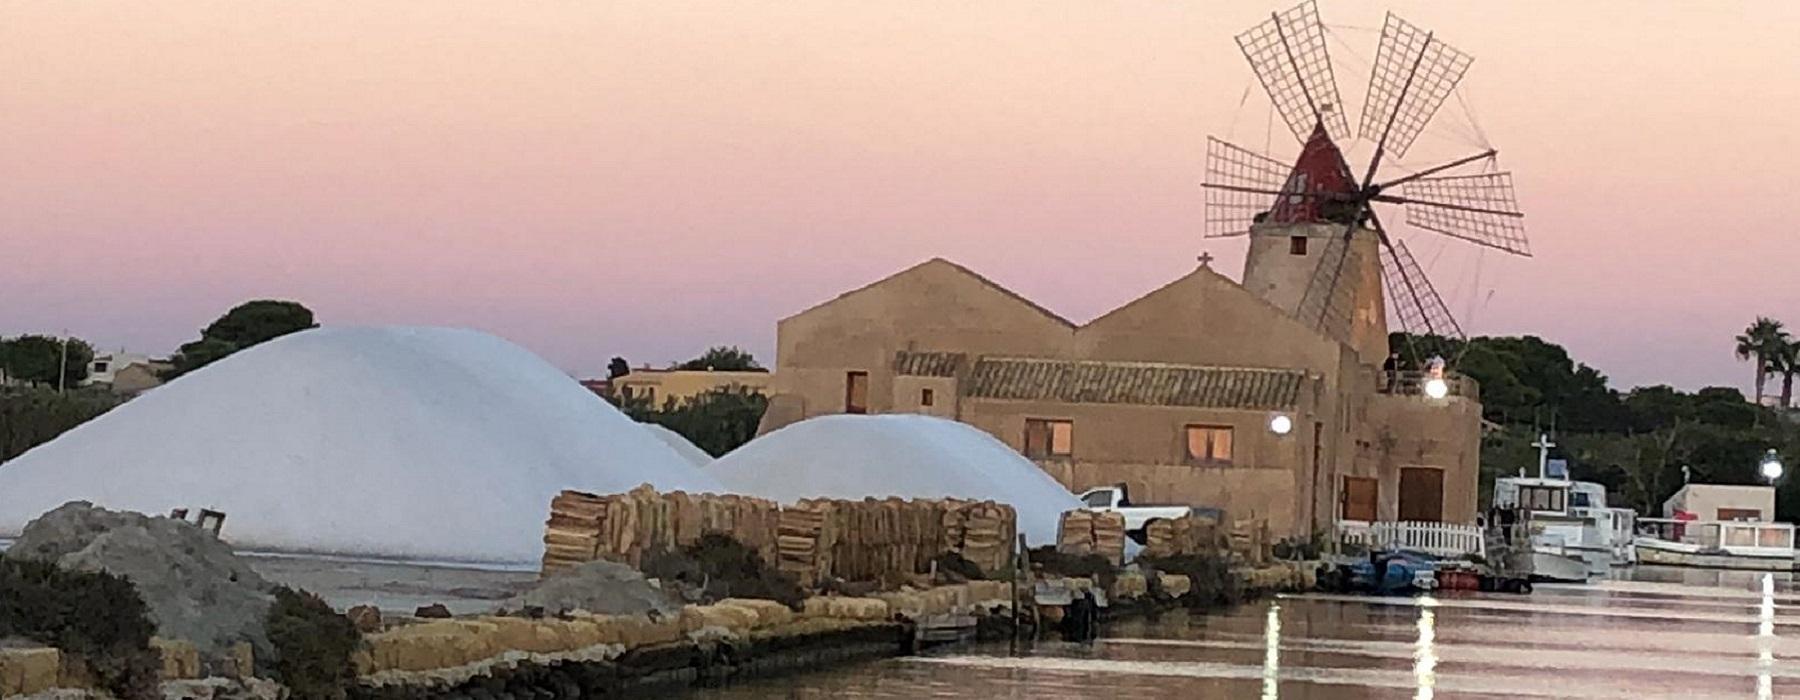 CousCousFest e l'Incantevole West Side Sicily